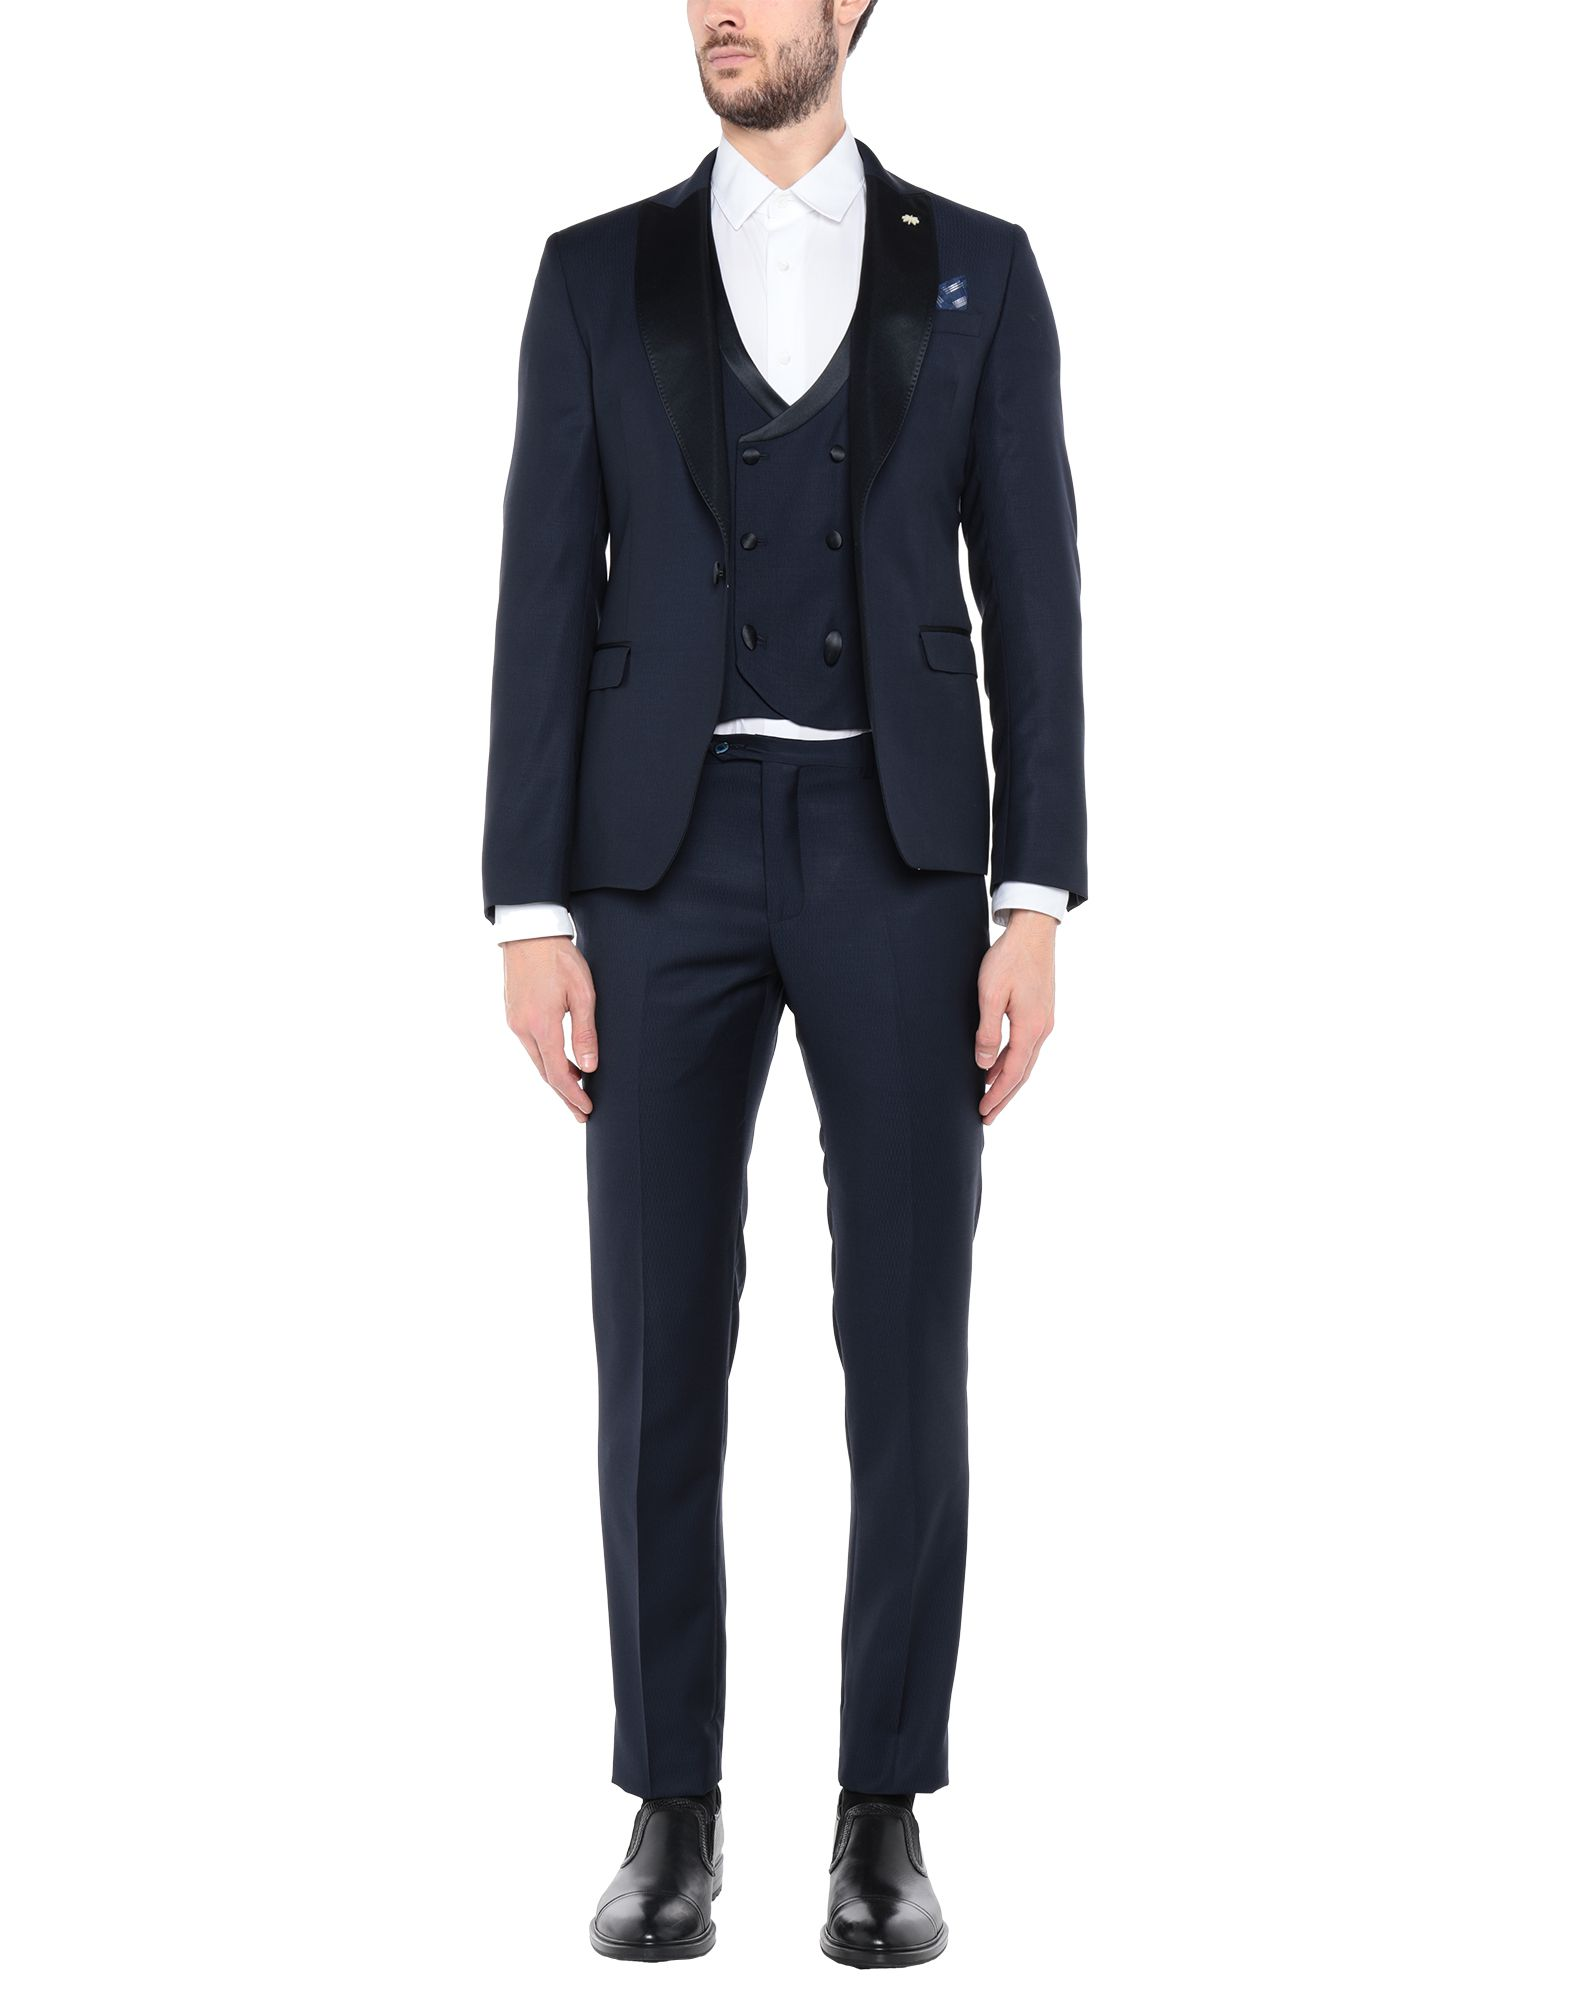 《送料無料》MANUEL RITZ メンズ スーツ ダークブルー 48 バージンウール 100%